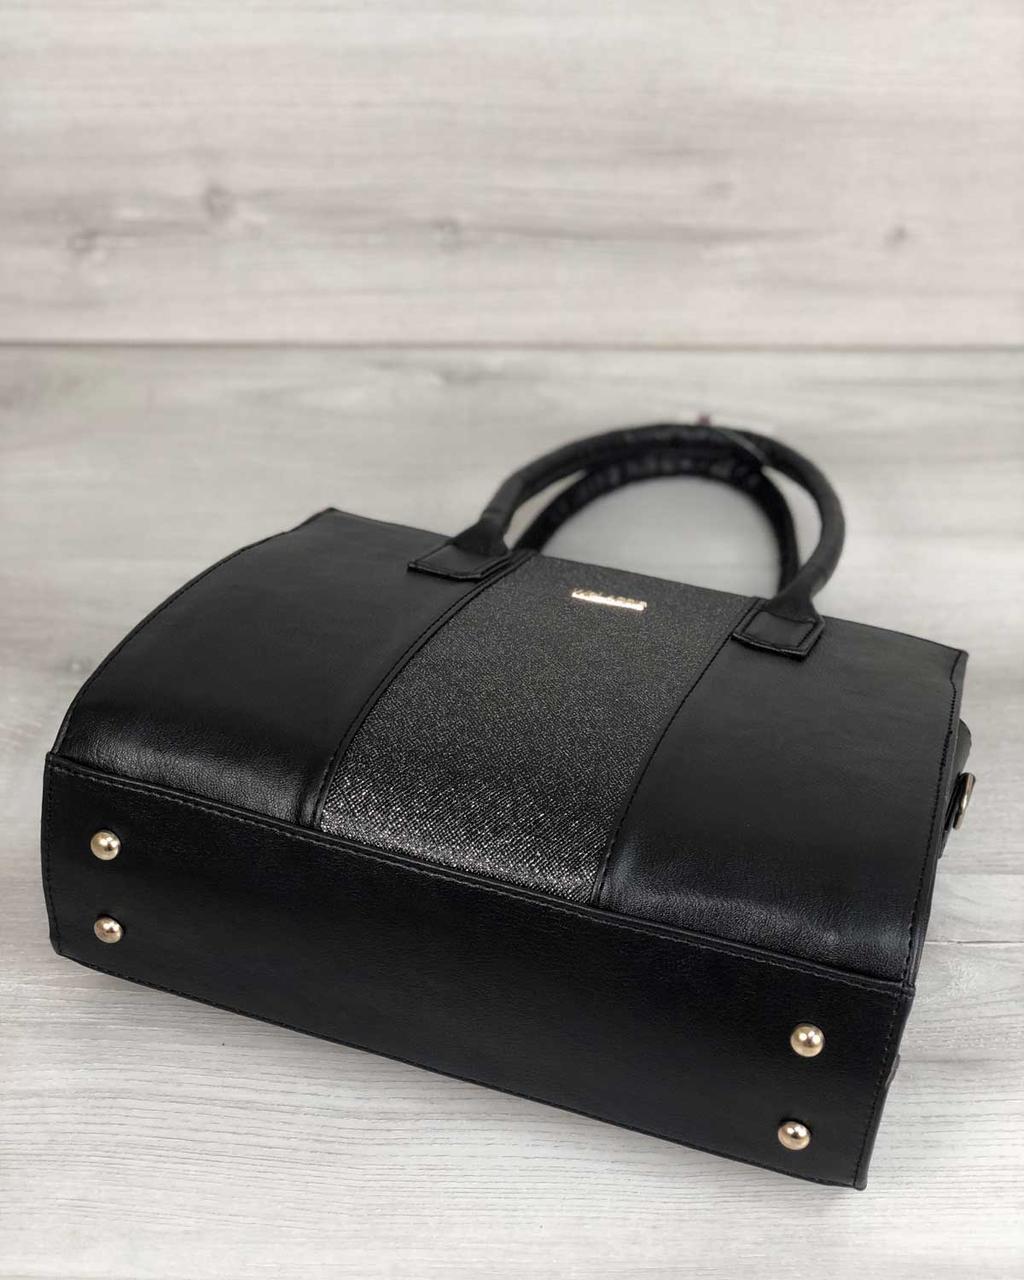 878bb1104eca Каркасная женская сумка Селин черного цвета со вставкой блеск - Ваш выбор в  Одессе